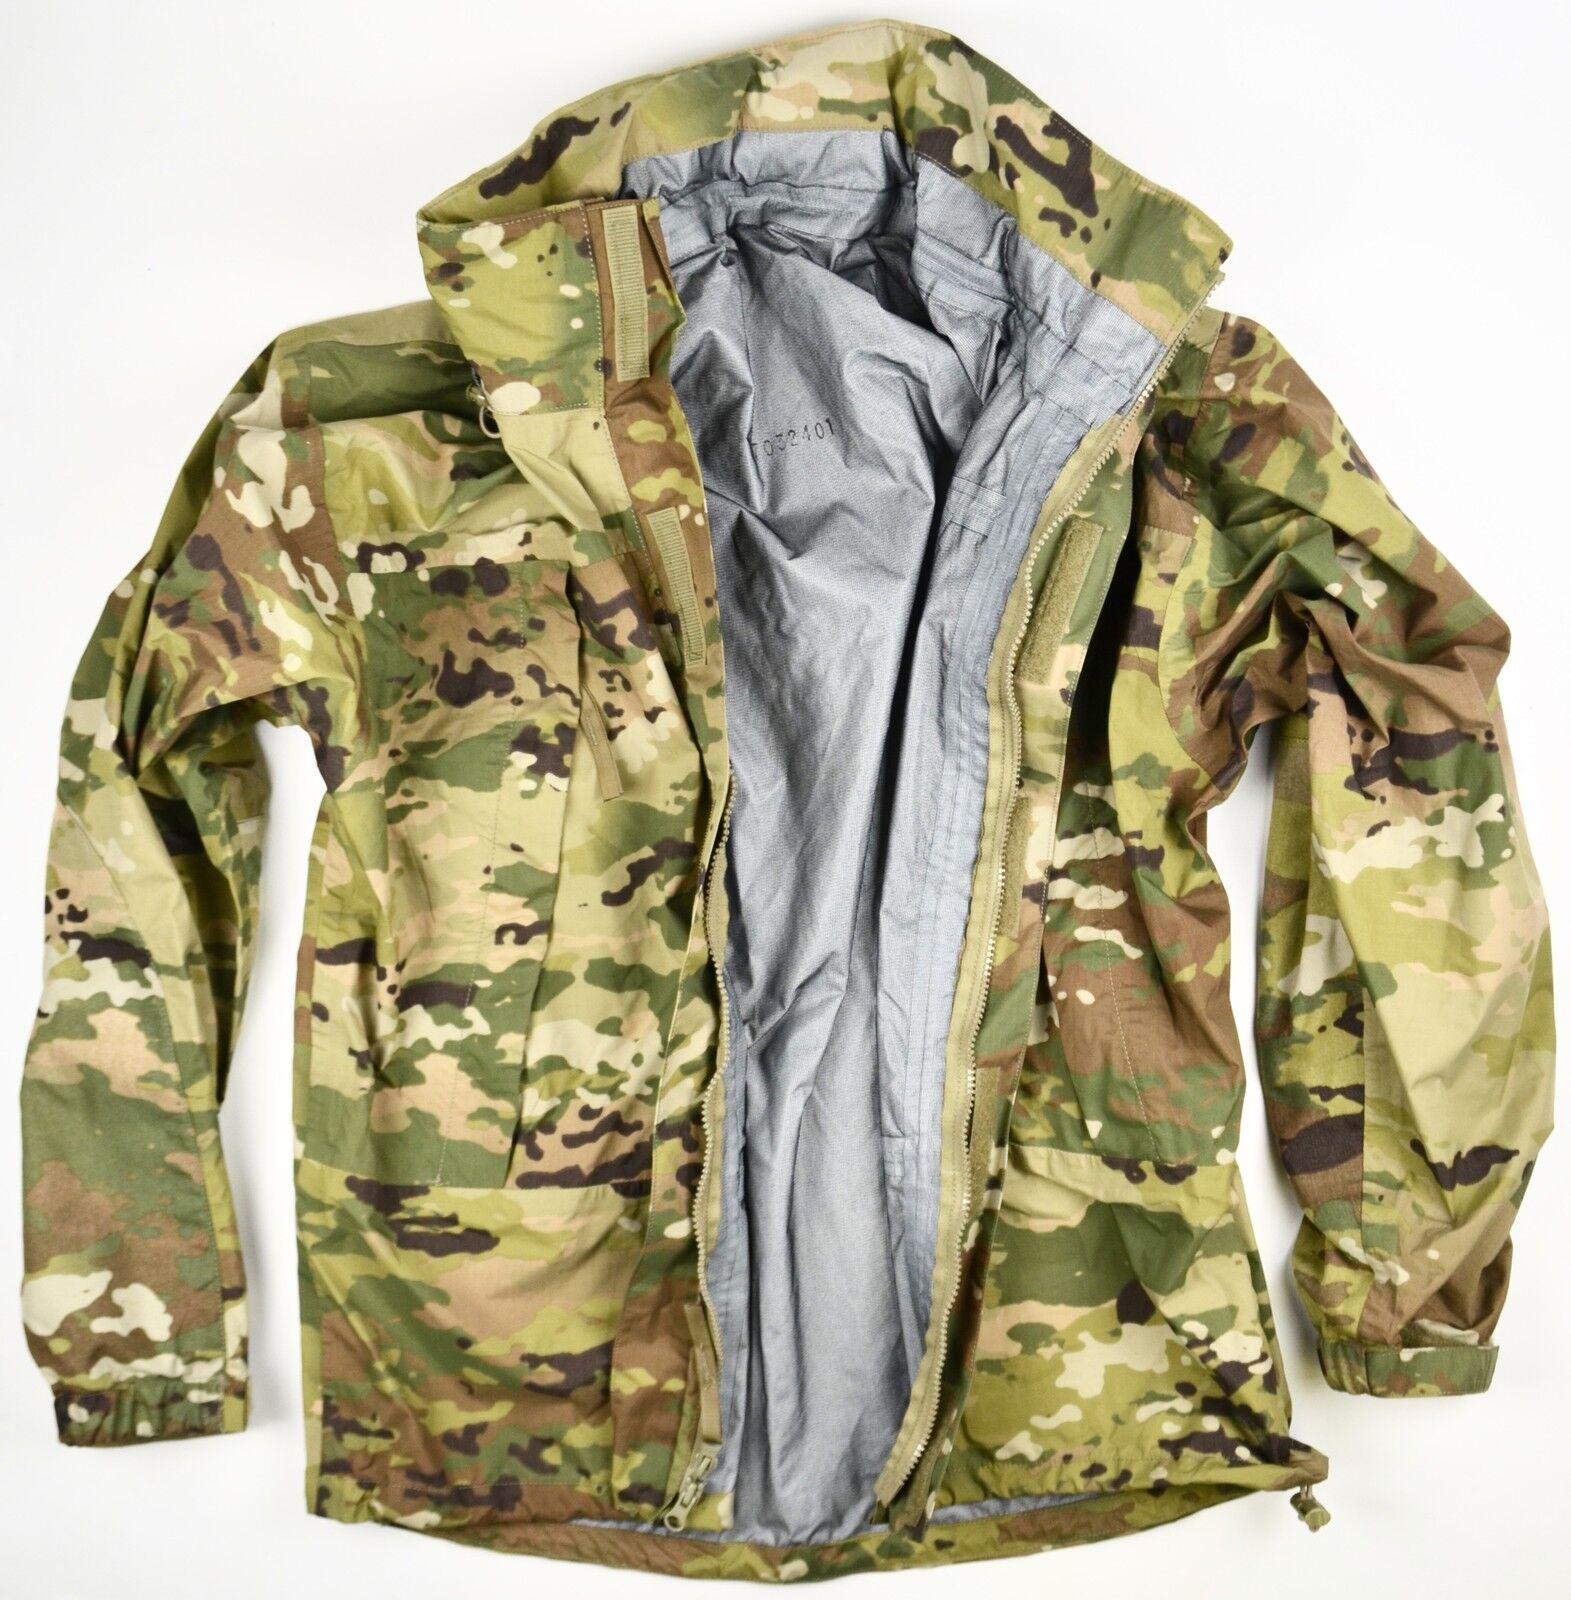 Us Army Ecwcs Ocp Multicam Level 6 Goretex Outdoorjacke Veste Large Régulière